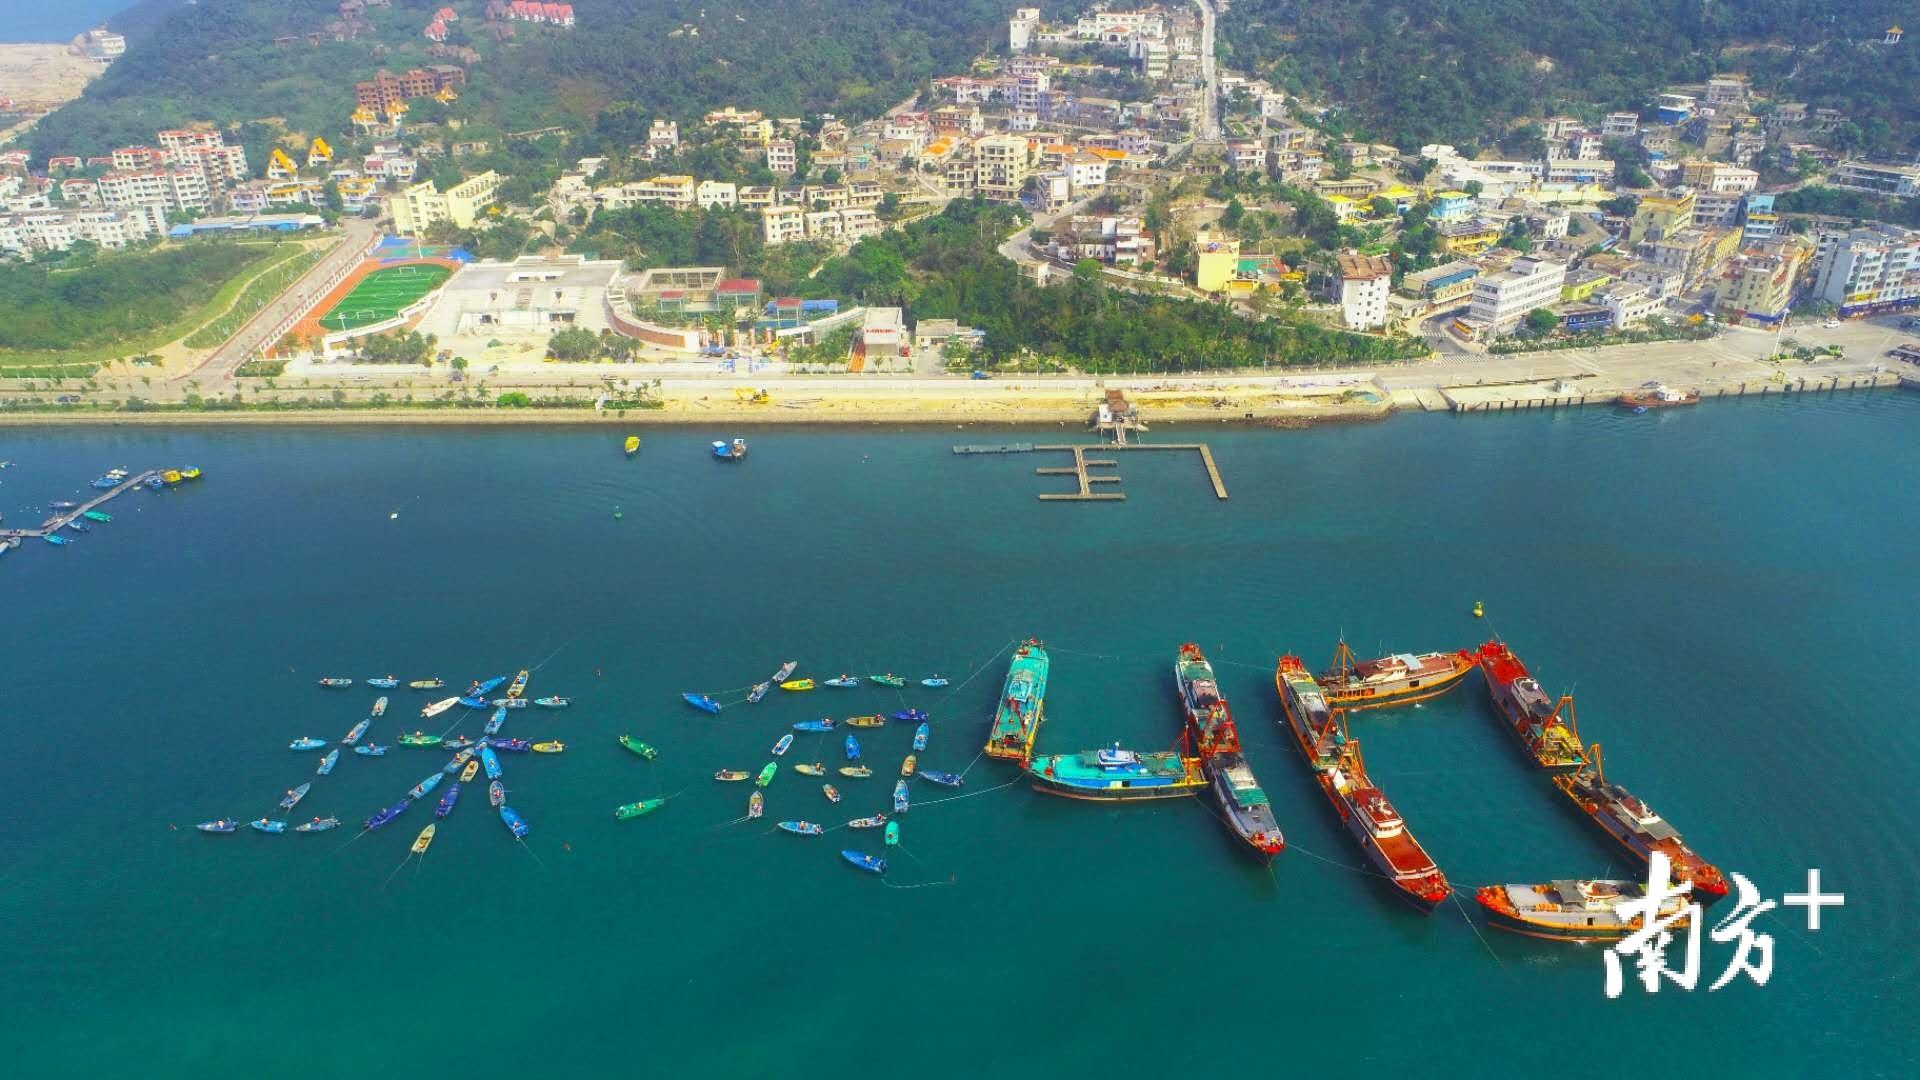 伴随珠海经济特区40年发展,珠海体育事业实现了翻天覆地跨越式变迁。珠海市文化广电旅游体育局供图